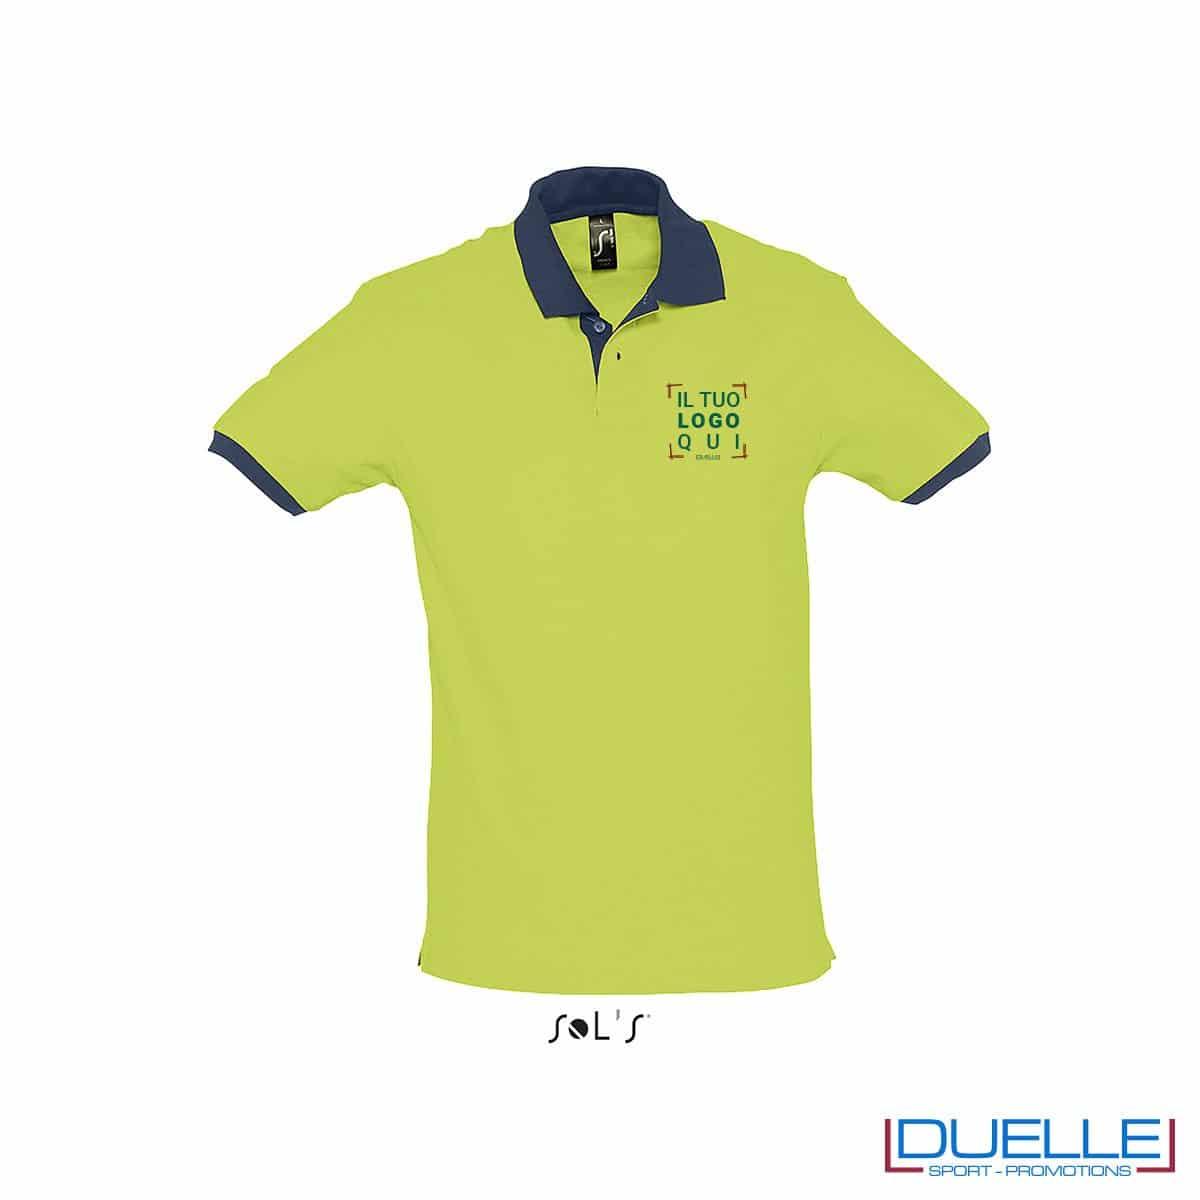 polo personalizzata color verde mela con finiture a contrasto, abbigliamento promozionale personalizzato